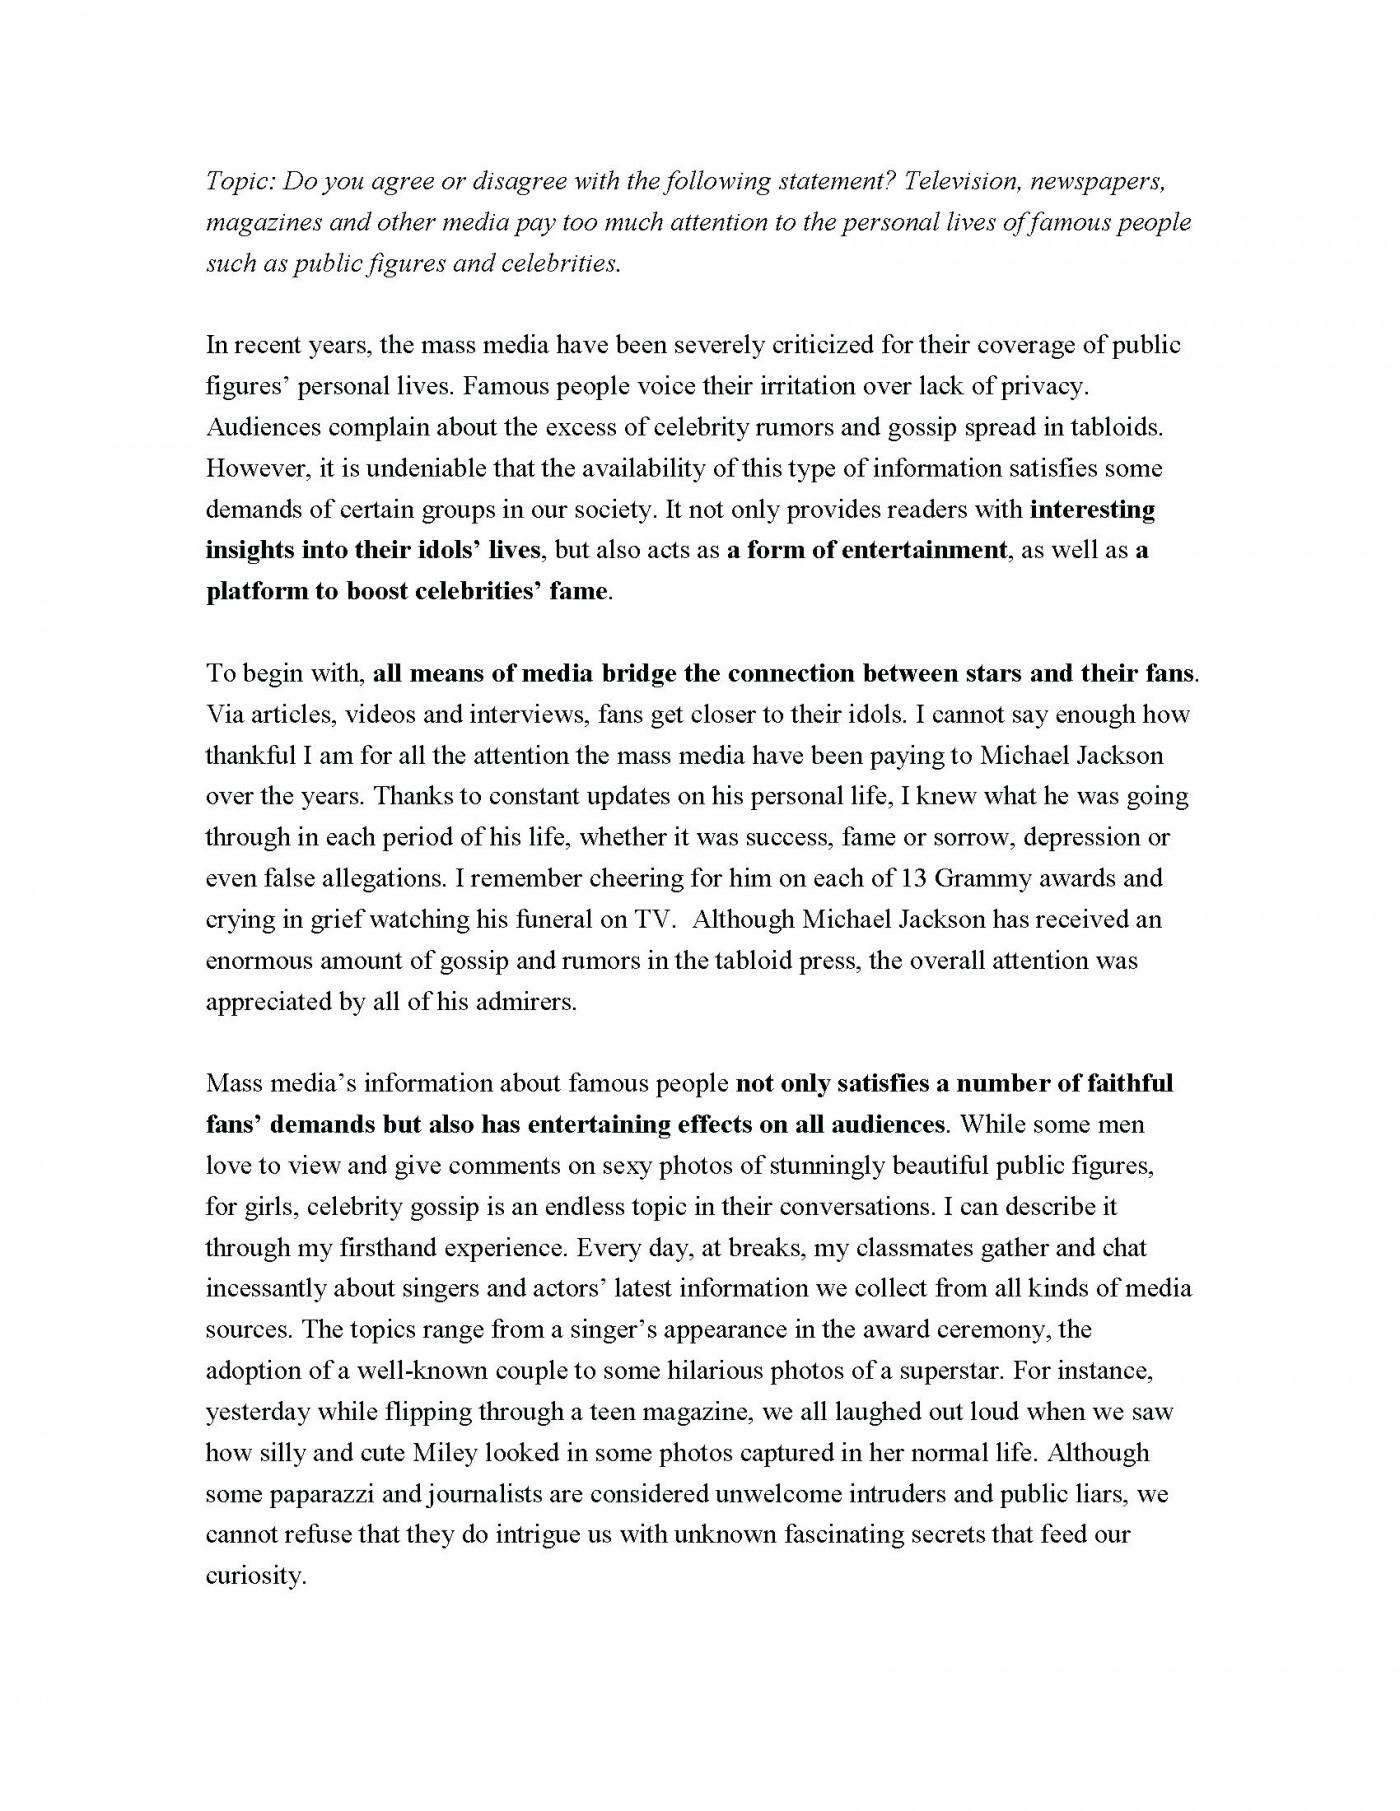 Narrative essay posters